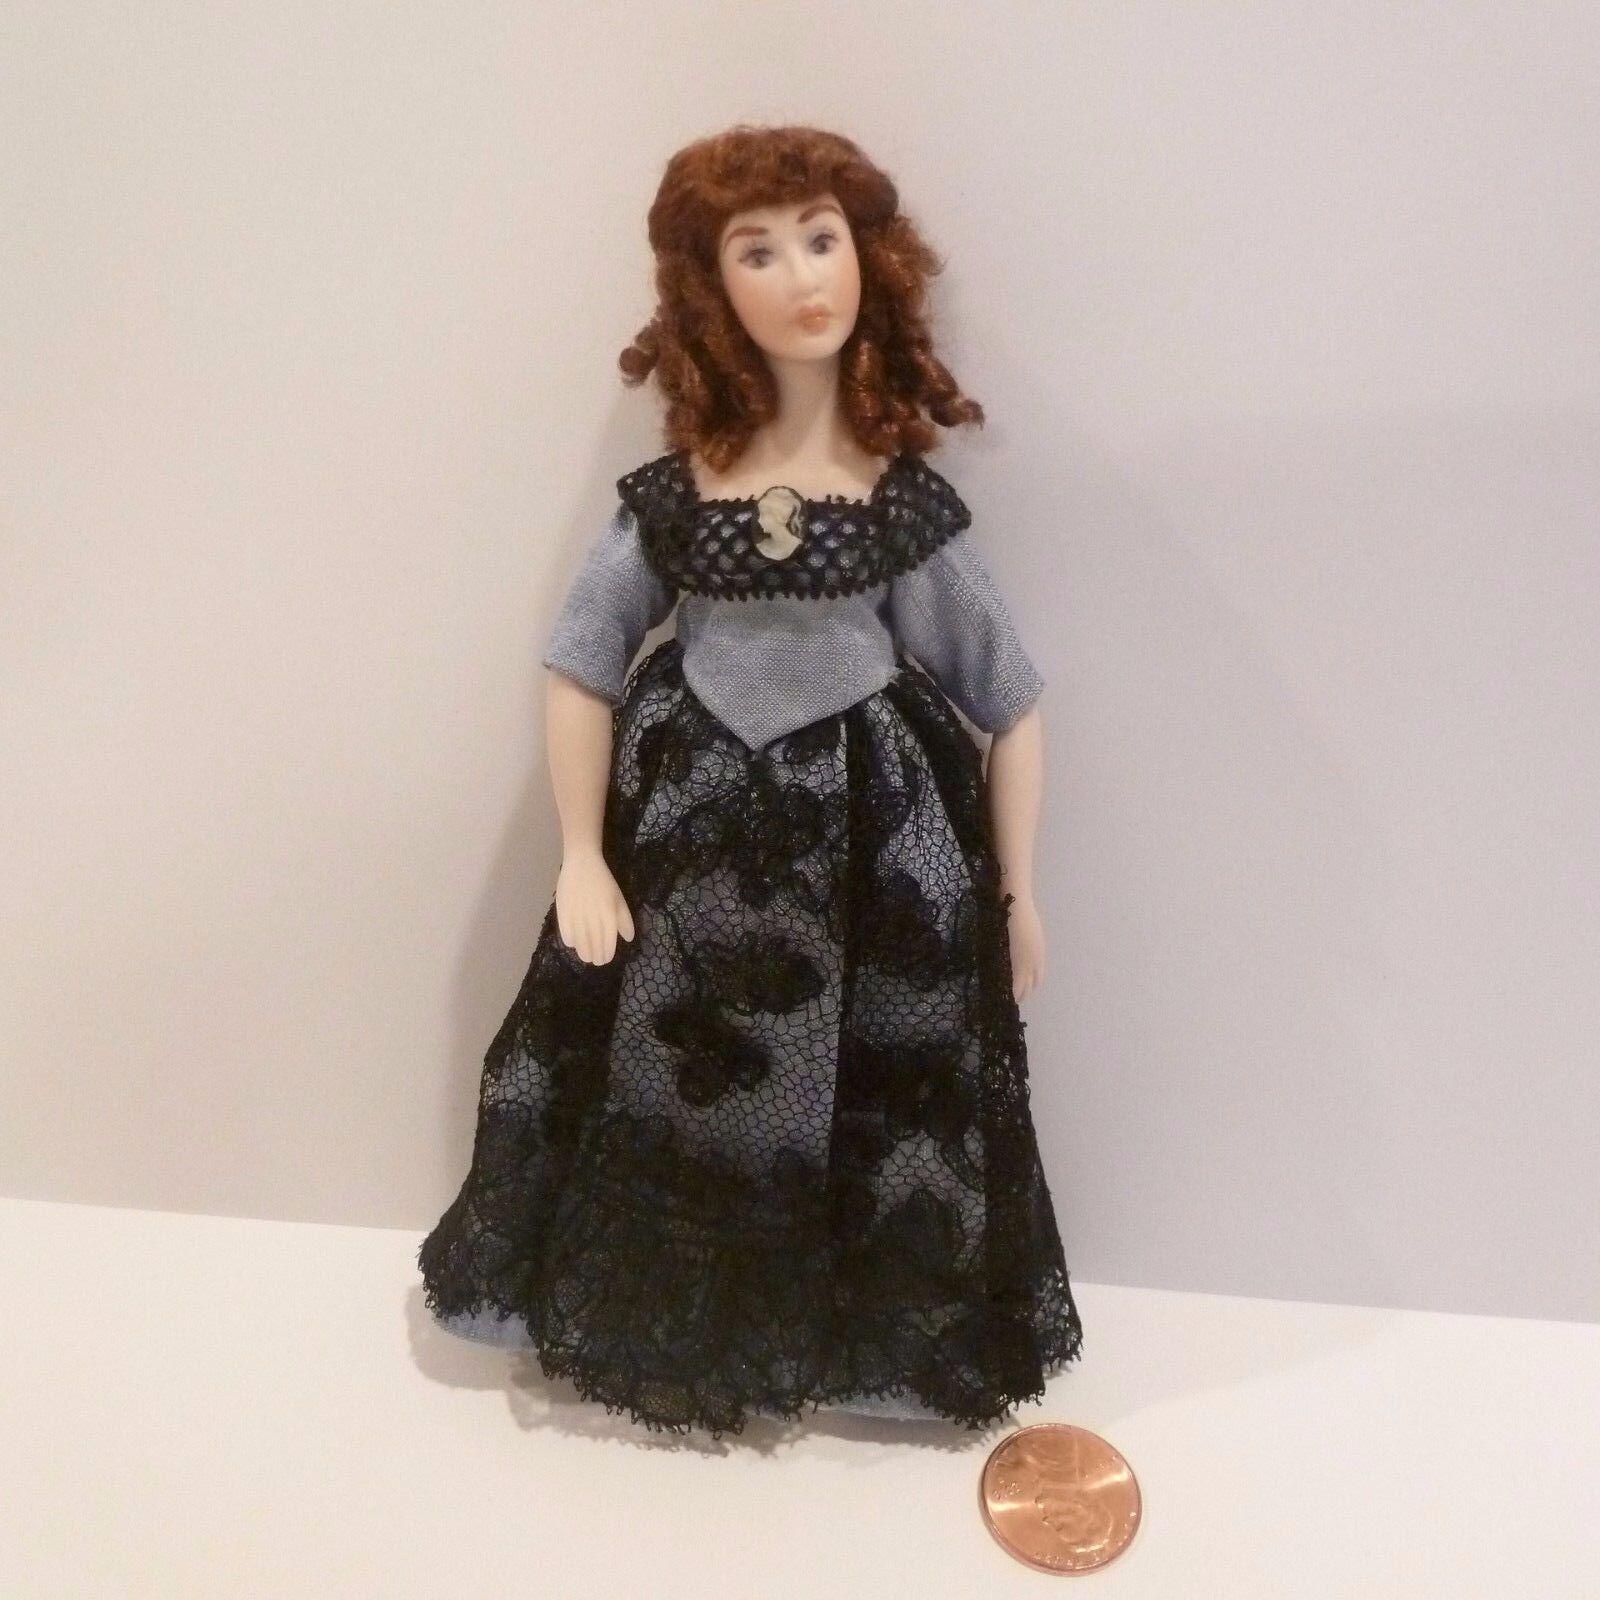 Hermosa Miniatura Dama Vestido de la muñeca de porcelana vestida con azul con encaje negro